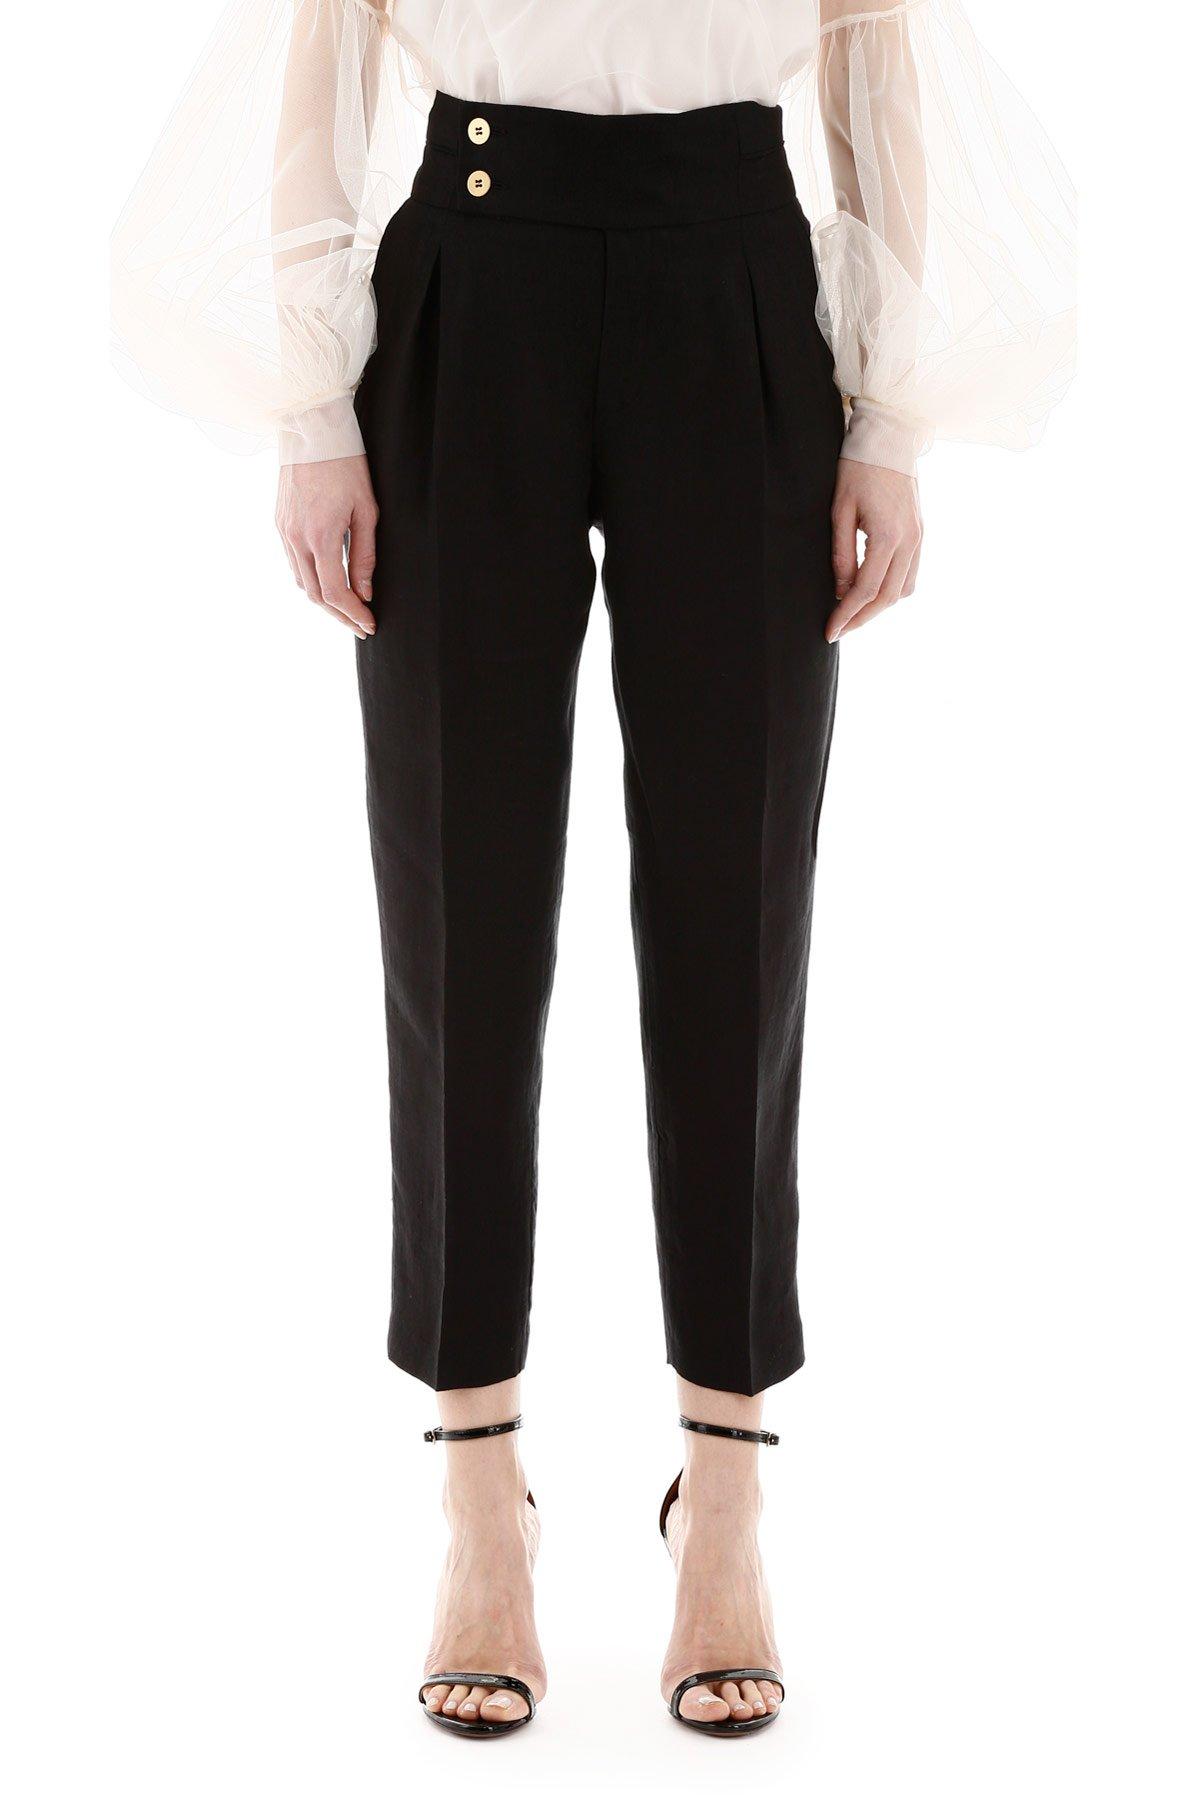 L'autre chose pantalone in lino